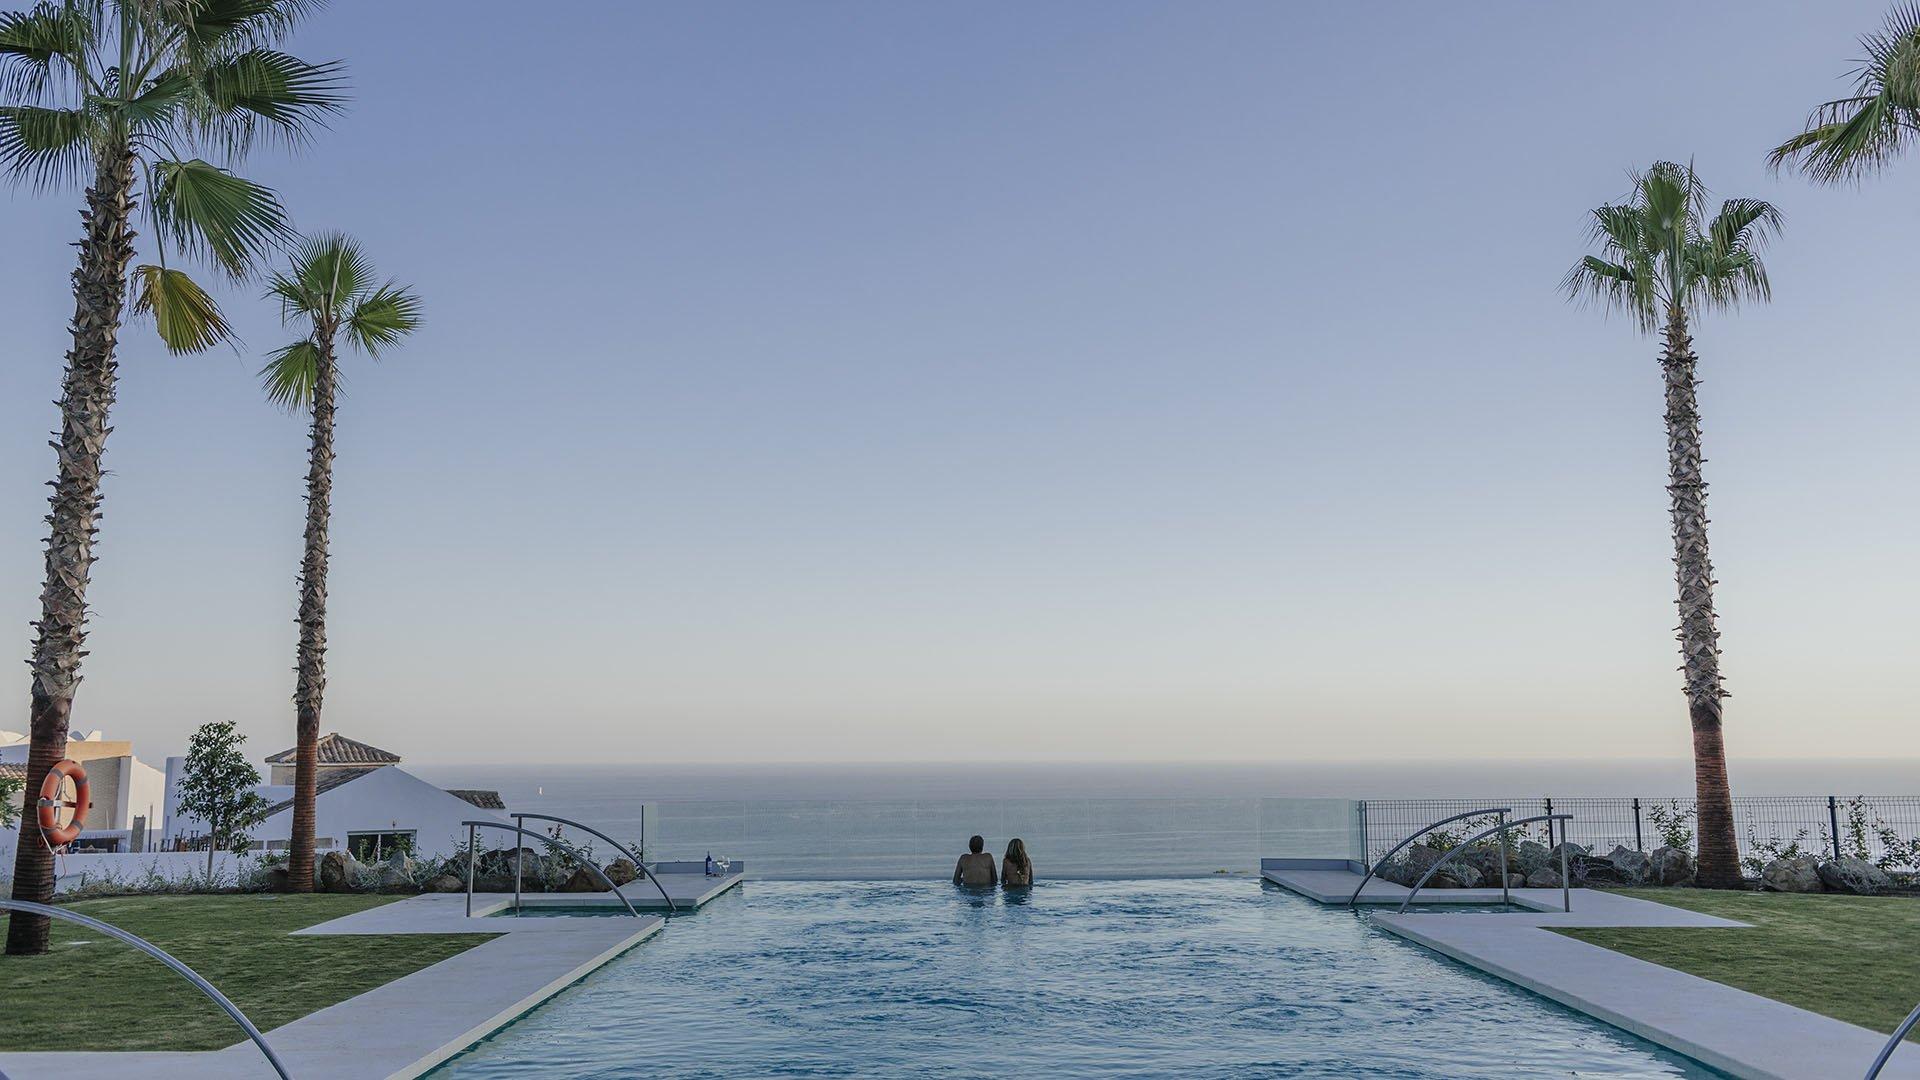 Big Blue Villas: Villa's met een mediterraans karakter en panoramische zichten